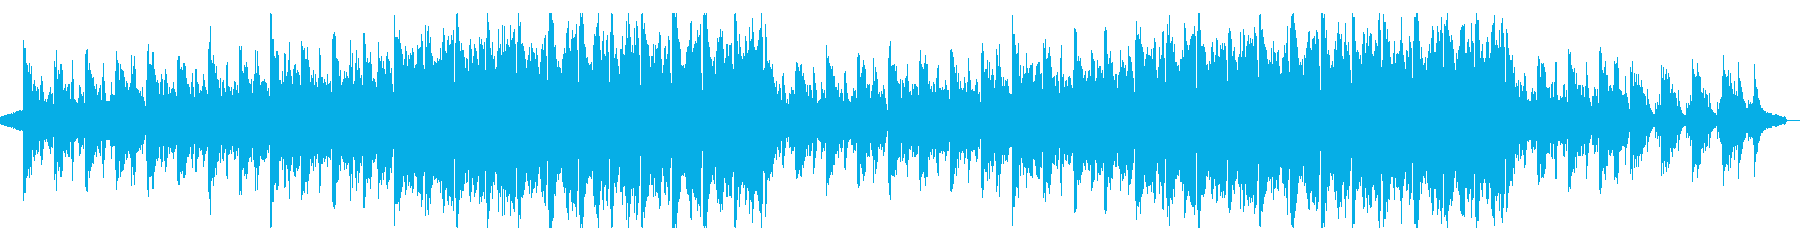 温かく、わくわくするオーケストラ企業VPの再生済みの波形